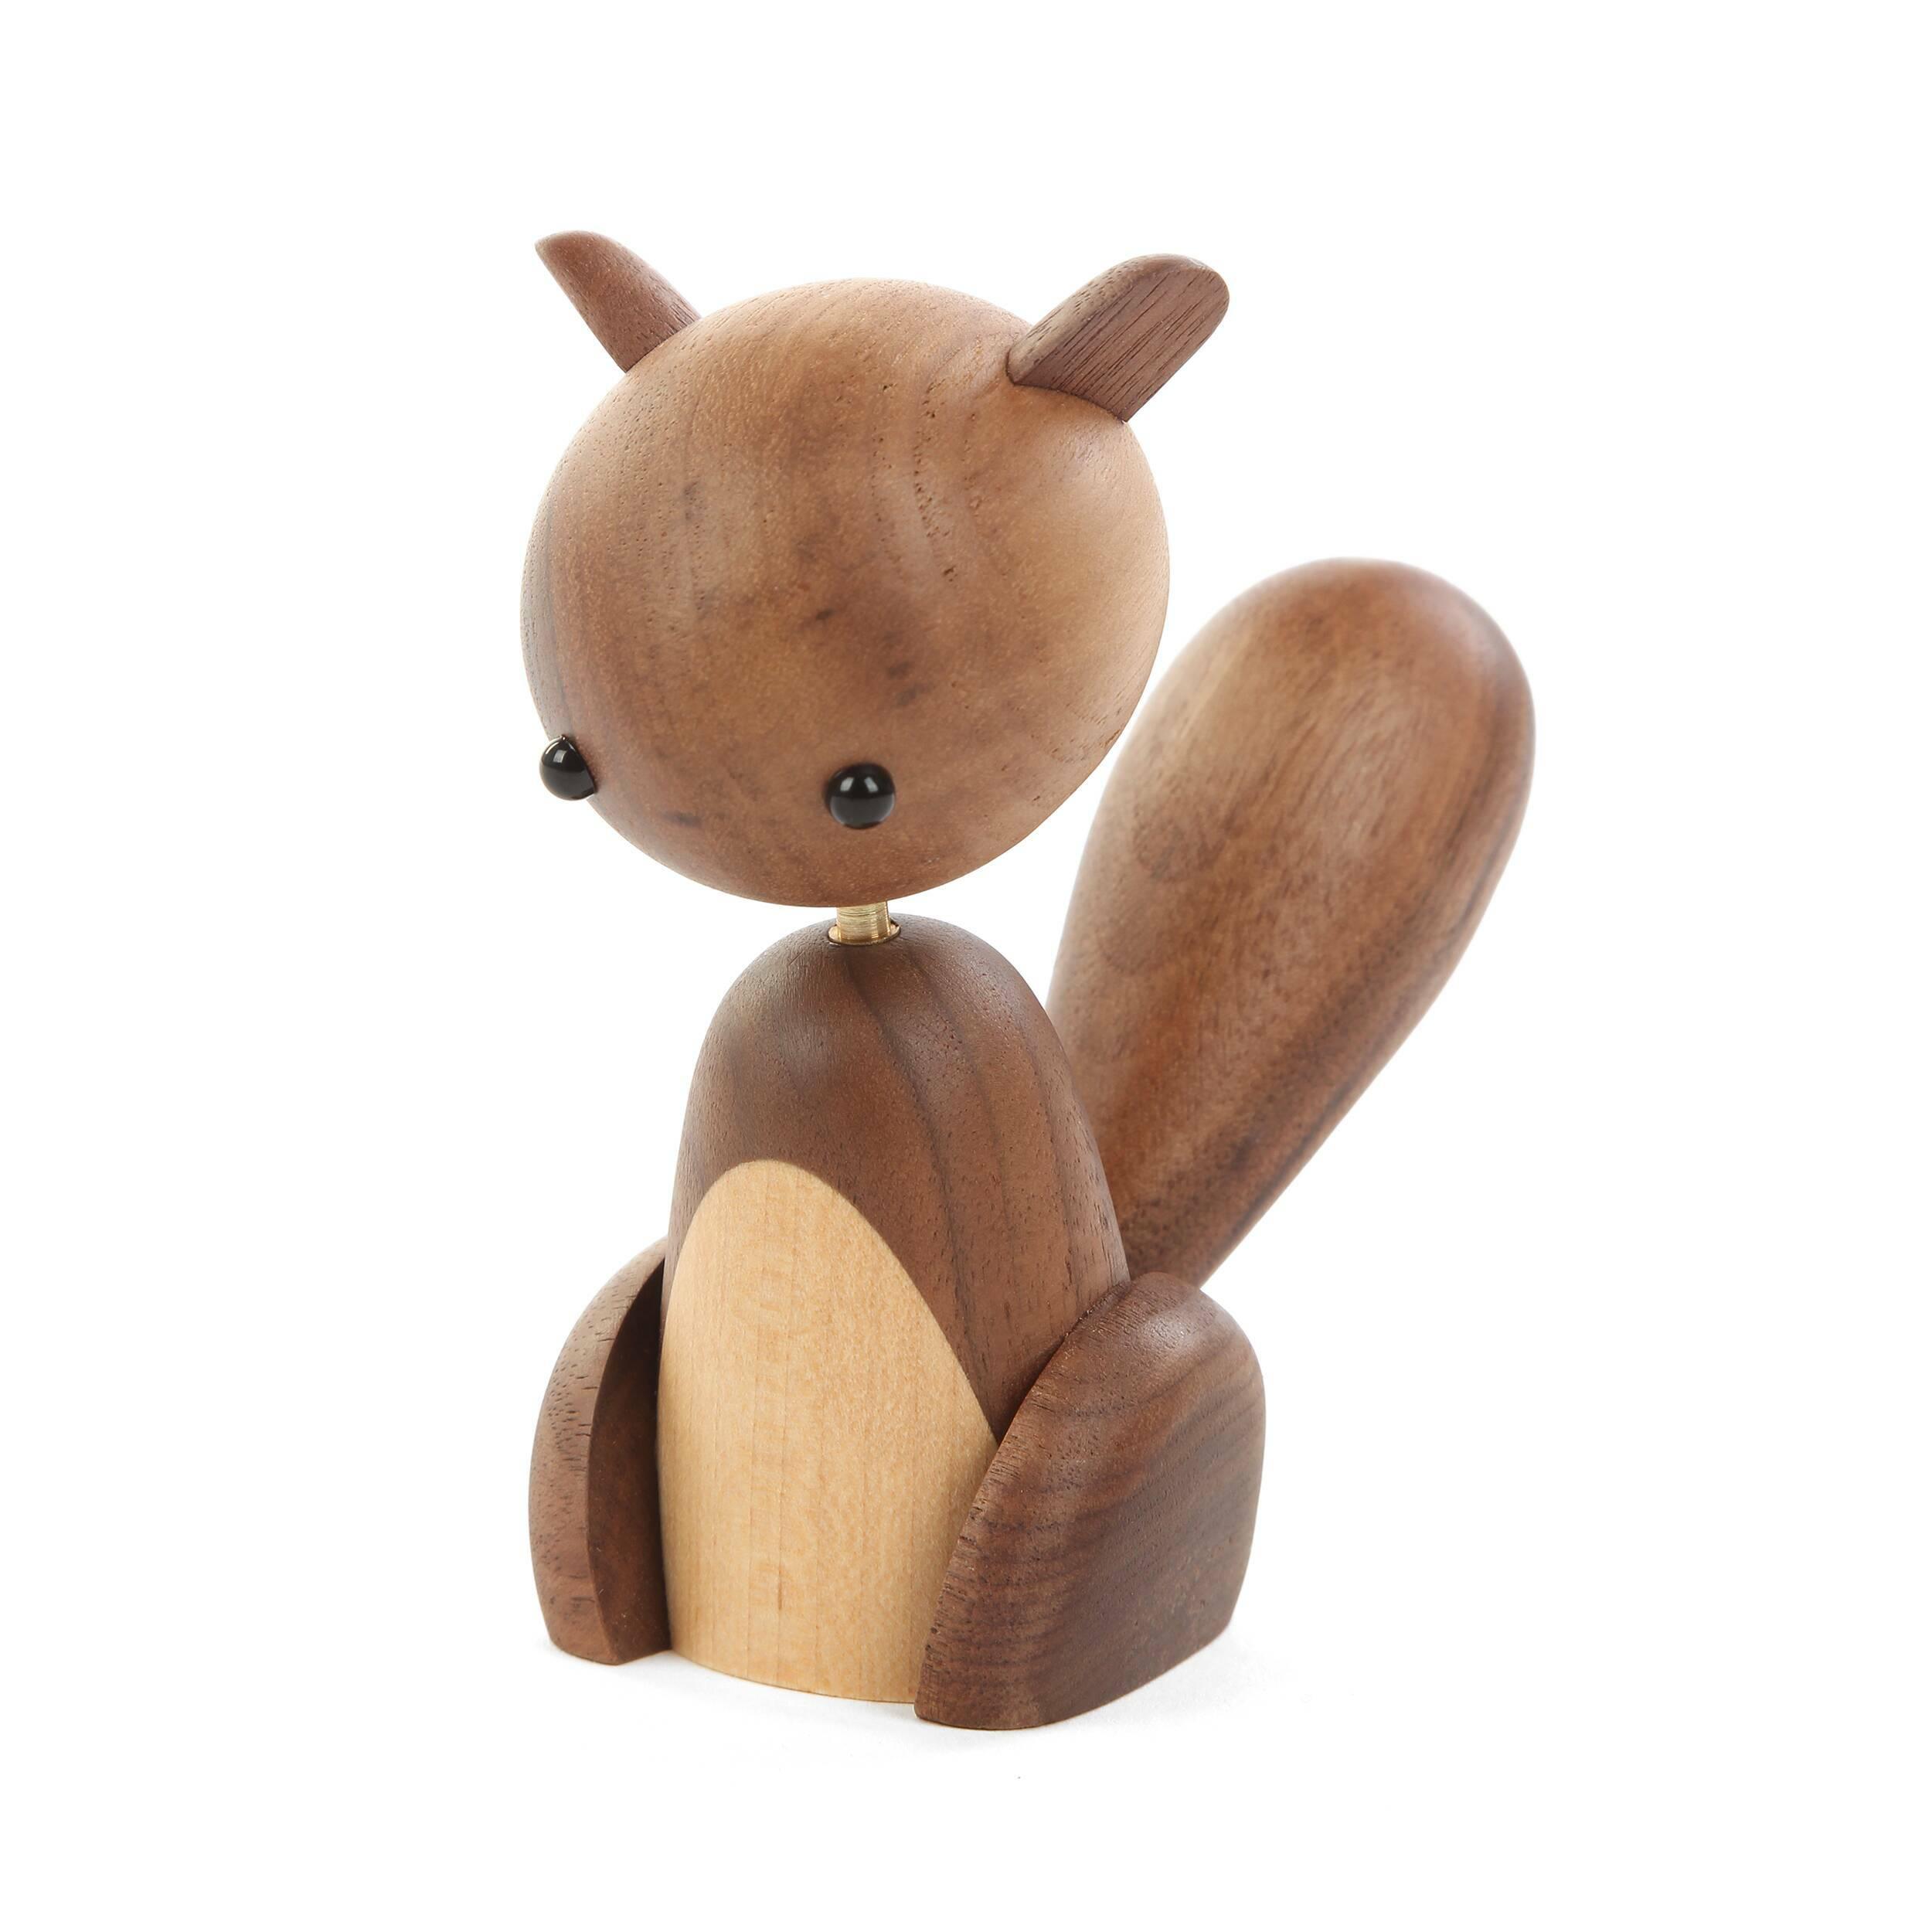 Статуэтка SquirrelНастольные<br>Белки обладают милой внешностью, а такая интерпретация образа этого зверька делает статуэтку еще более очаровательной и интересной. Дизайнерская статуэтка Squirrel (Белка) станет отличным дополнением для любой комнаты.<br><br><br> Статуэтки способны сделать интерьер более оригинальным и уникальным, придать ему особенную индивидуальность и стиль. Изделия из натурального дерева обладают еще и прекрасной энергетикой, благодаря которой комната станет более теплой и уютной, а атмосфера – доброжелател...<br><br>stock: 0<br>Высота: 11<br>Материал: Массив ореха<br>Цвет: Коричневый<br>Цвет дополнительный: Светло-коричневый